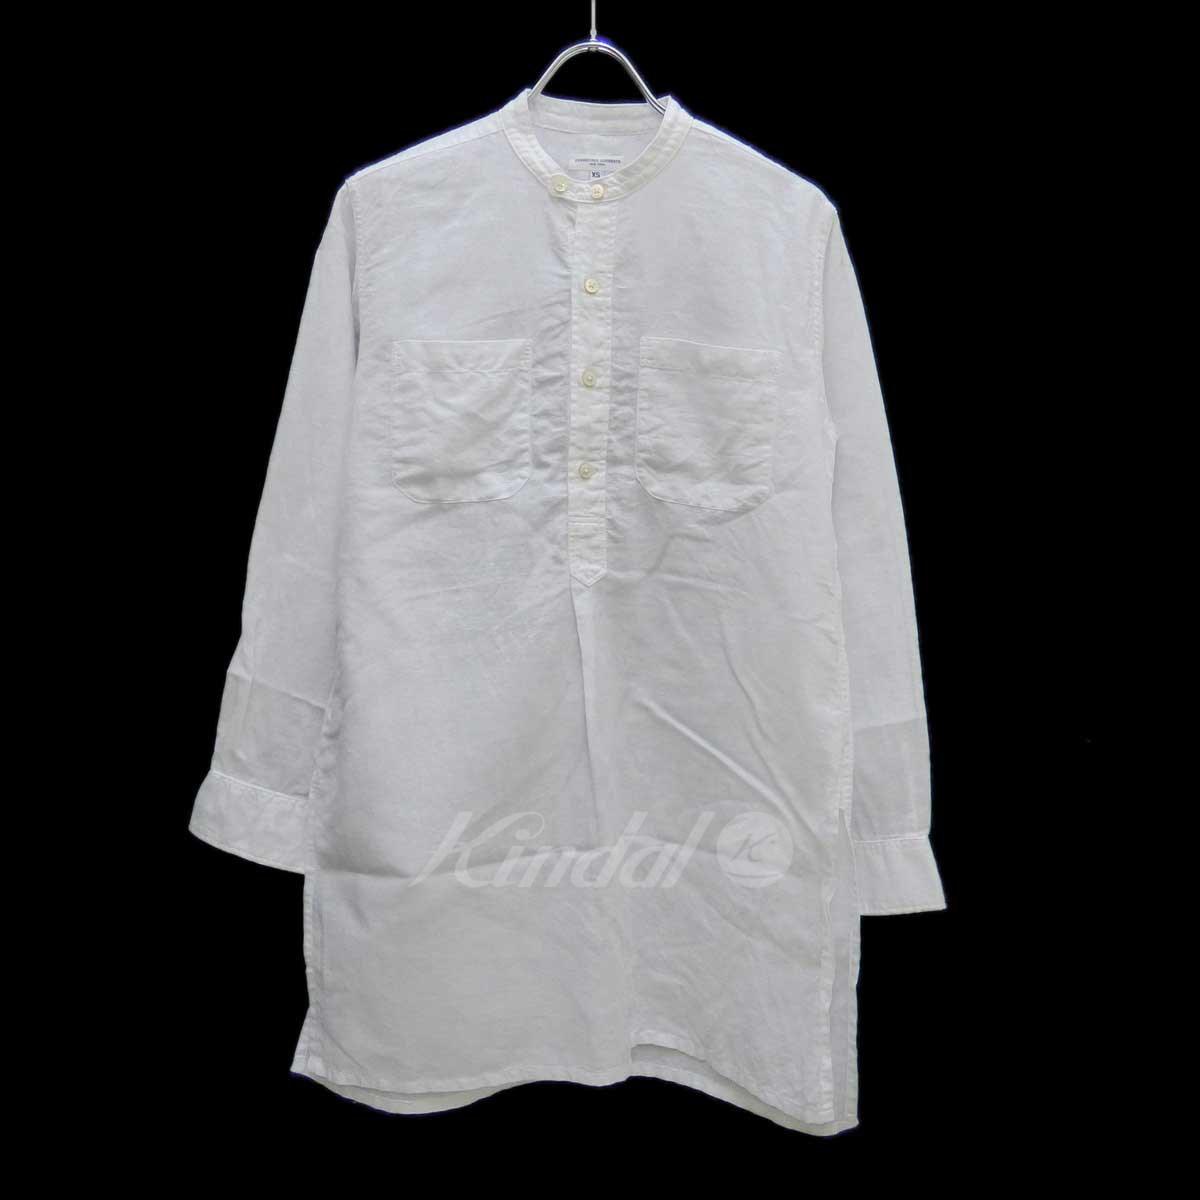 期間限定特別価格 【中古】Engineered Garments ホワイト Banded Long Banded Collar Garments Shirts ロングシャツ ホワイト サイズ:XS【送料無料】【300718】(エンジニアードガーメンツ), WISERS:ef6c0193 --- bestfriends.forumfamilly.com